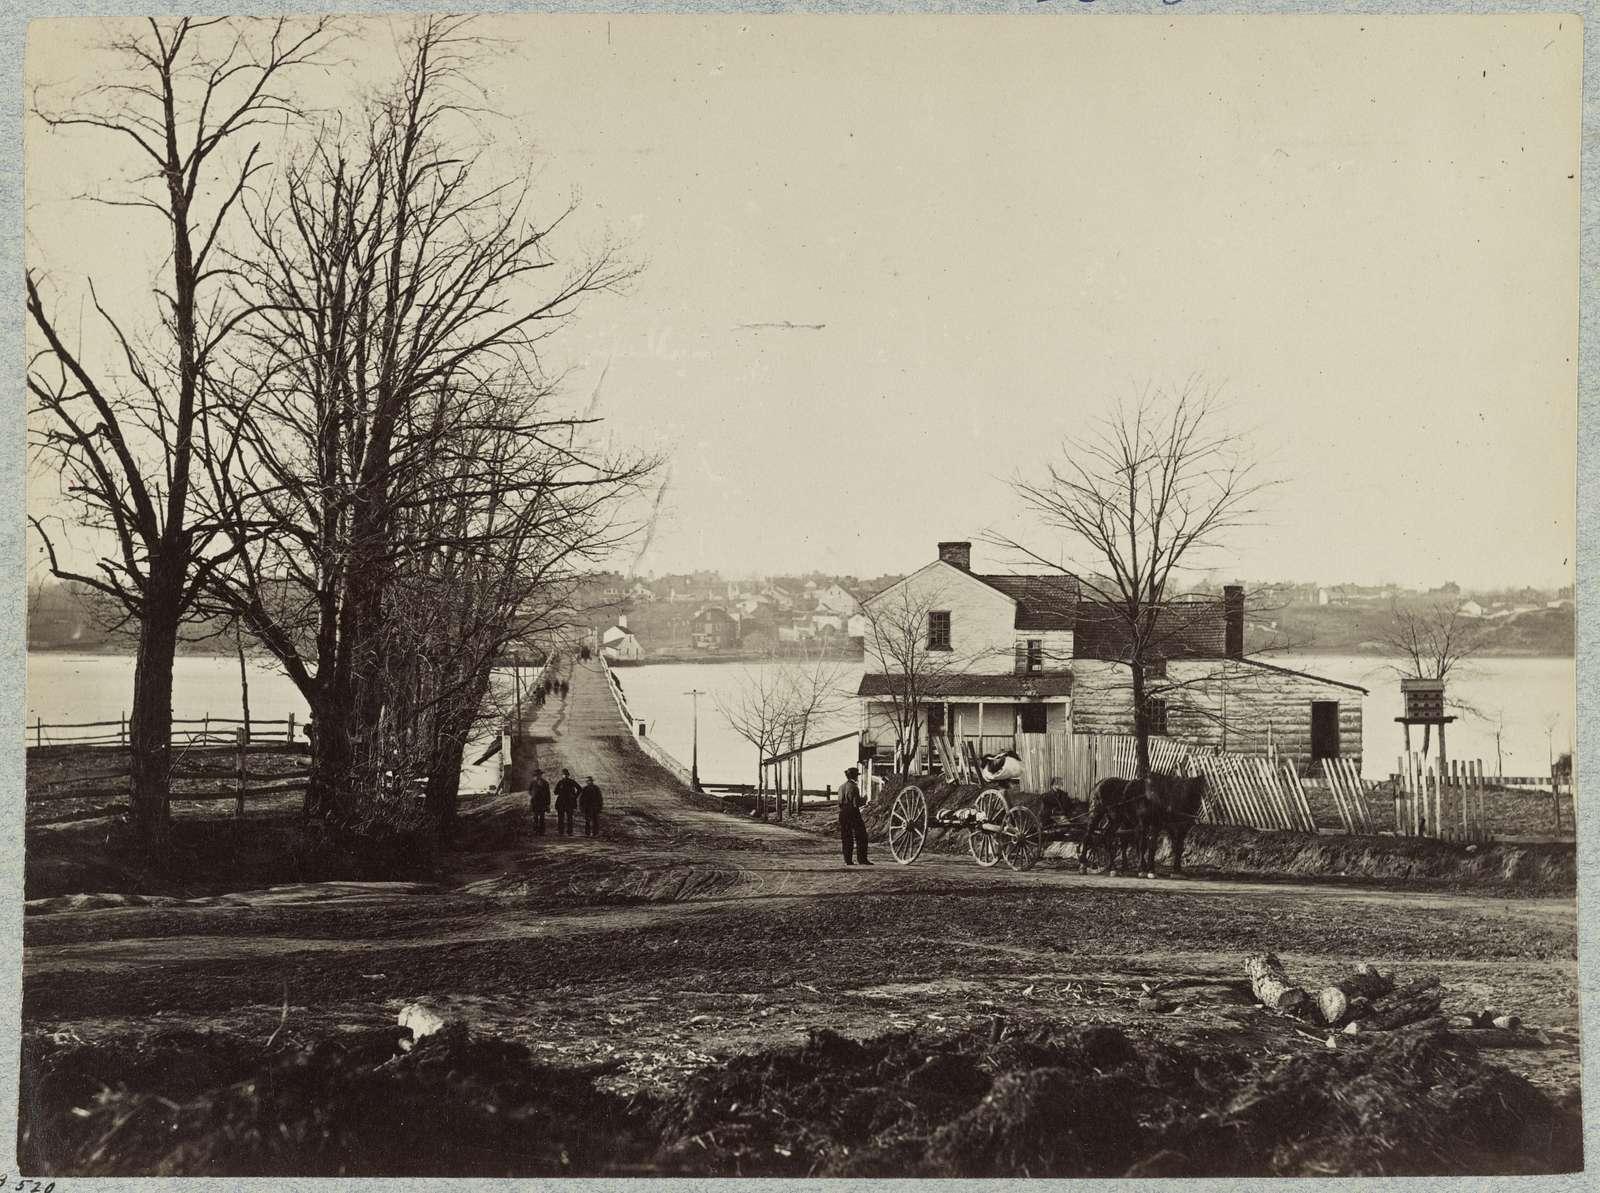 Bridge across Eastern branch of Potomac River, Washington, D.C., April, 1865